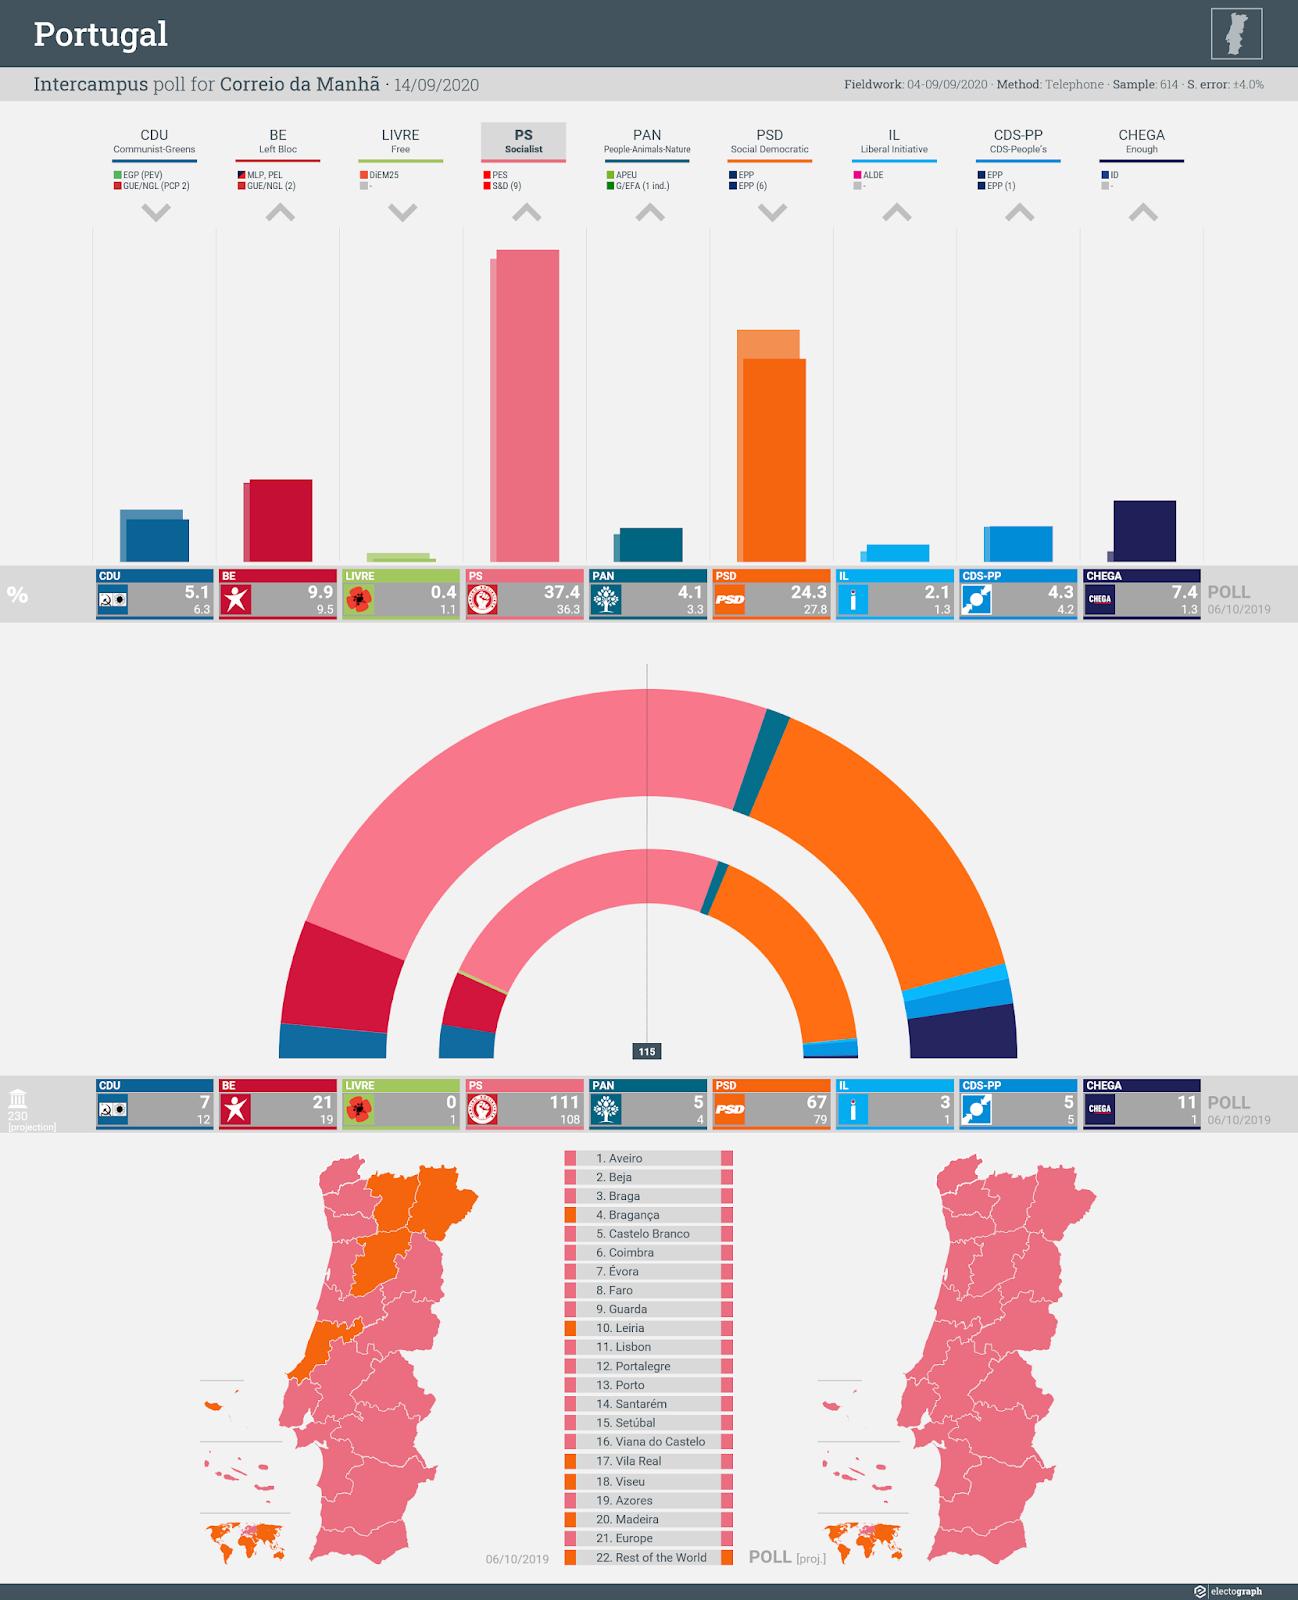 PORTUGAL: Intercampus poll chart for Correio da Manhã, 14 September 2020